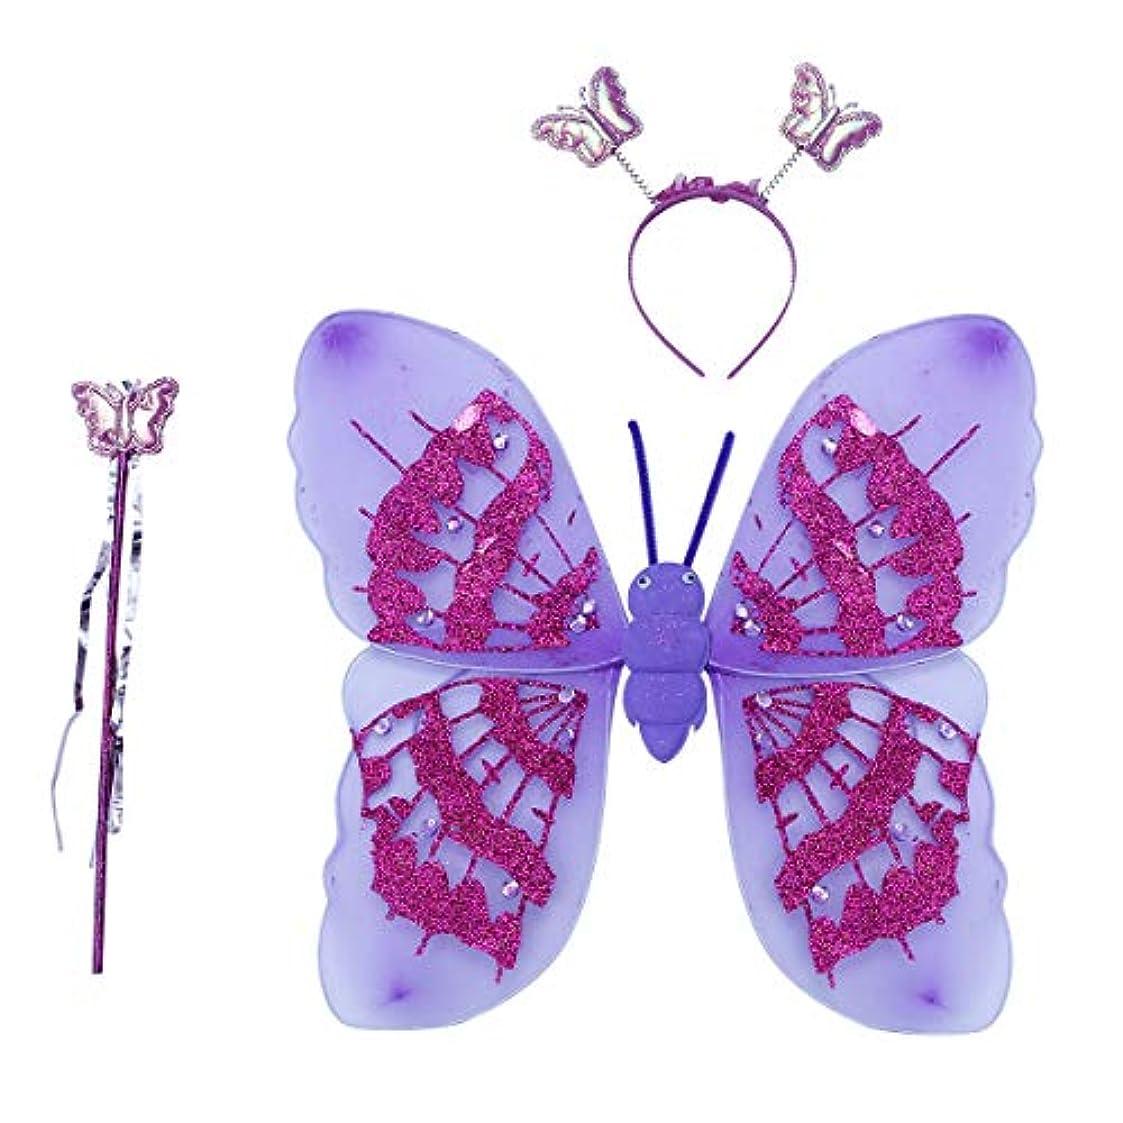 のみうがい奪うBESTOYARD ガールズフェアリーバタフライウィングスコスチュームヘアバンドフェアリーワンドパフォーマンスコスチュームセットパーティーコスチュームセット(3pcs、Purple)